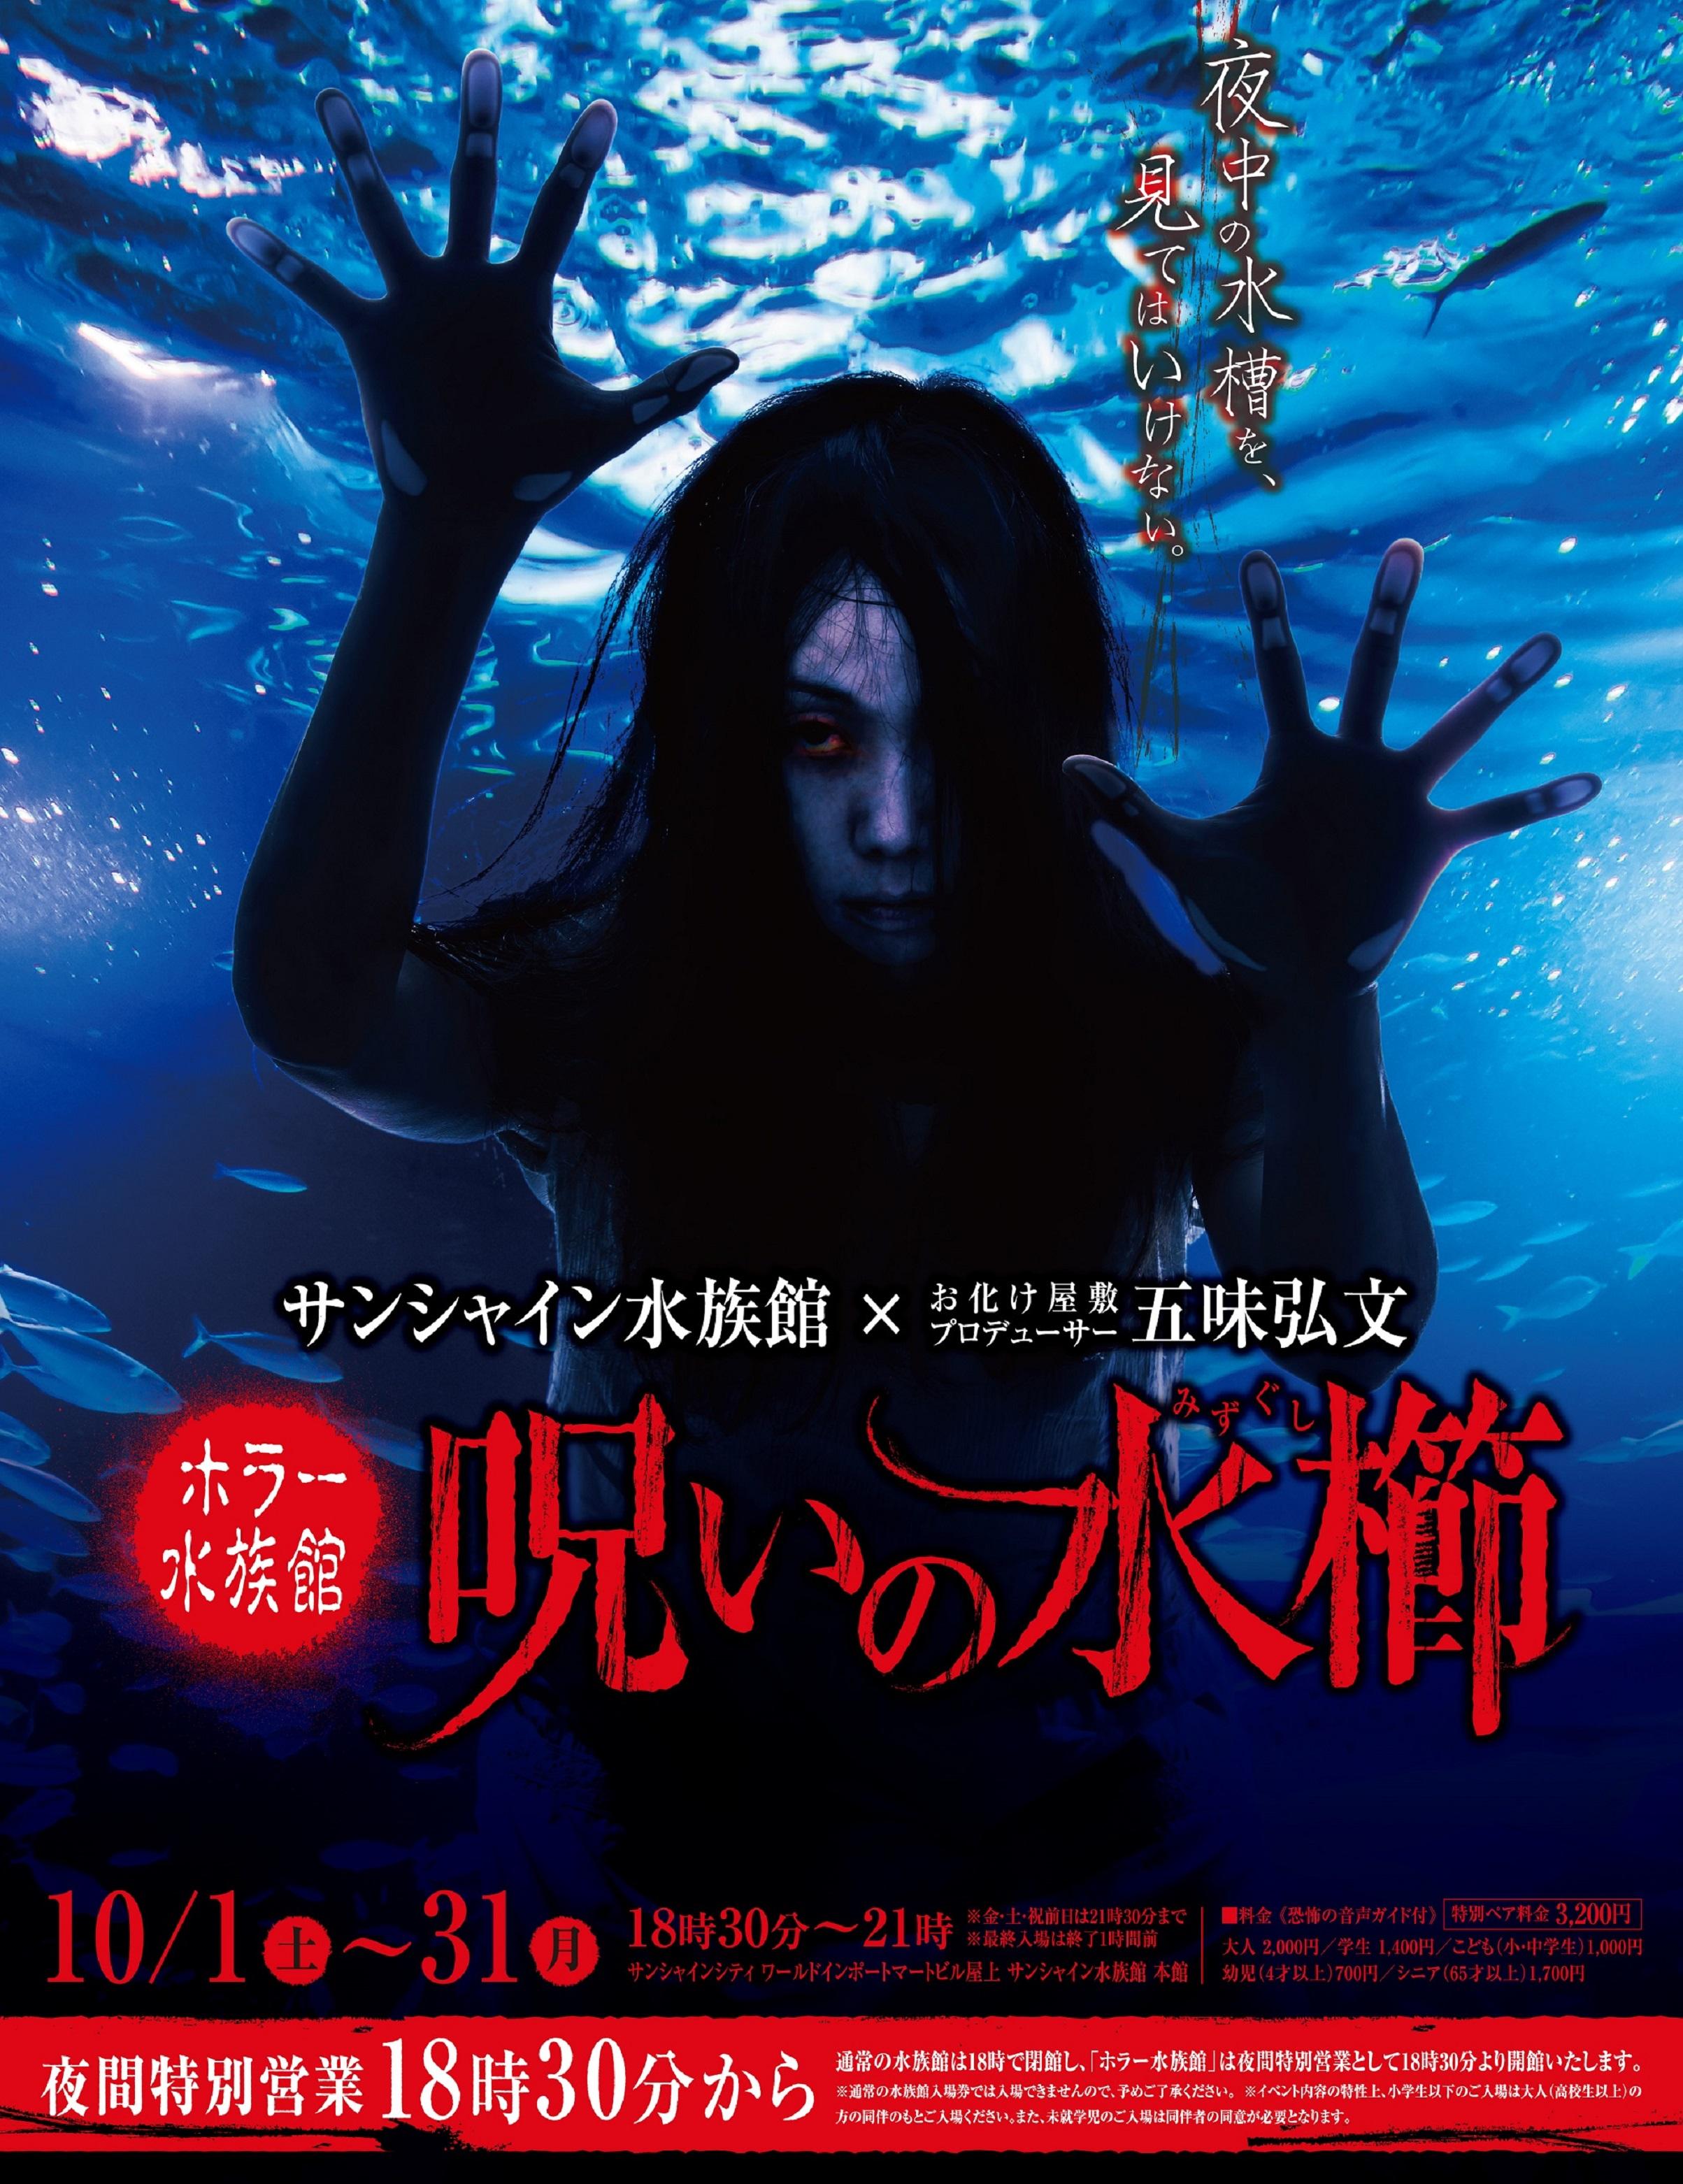 サンシャイン水族館×お化け屋敷プロデューサー五味弘文 ホラー水族館『呪いの水櫛』